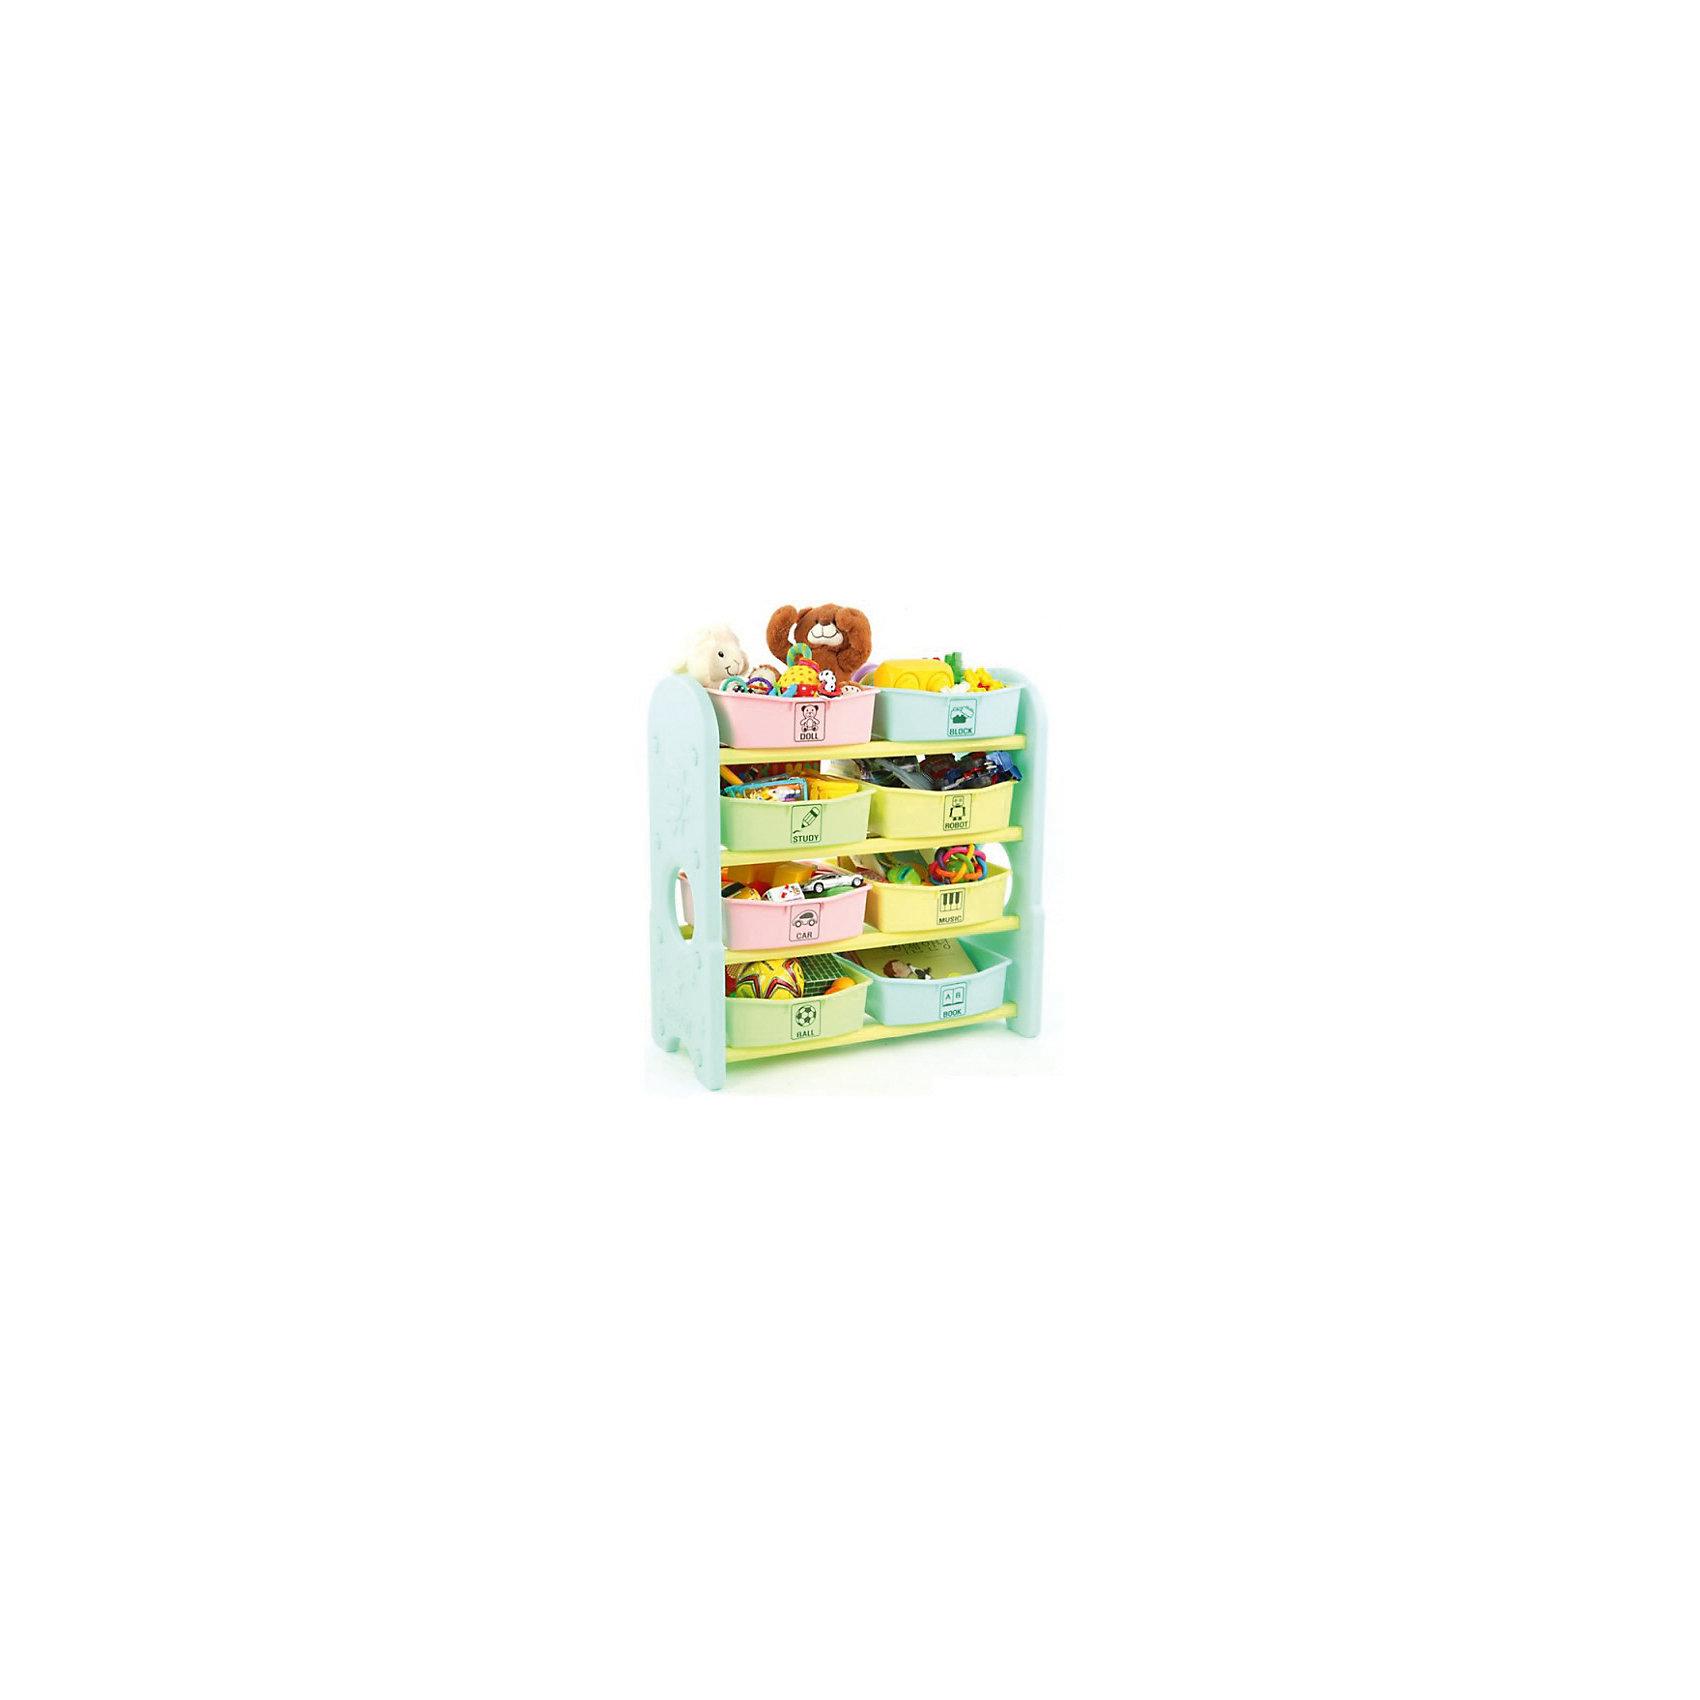 Стеллаж для игрушек с ящиками, EduplayEDU PLAY Стеллаж для игрушек с ящиками (76х36х80.5)<br><br>Ширина мм: 385<br>Глубина мм: 295<br>Высота мм: 825<br>Вес г: 6800<br>Возраст от месяцев: -2147483648<br>Возраст до месяцев: 2147483647<br>Пол: Унисекс<br>Возраст: Детский<br>SKU: 5500244